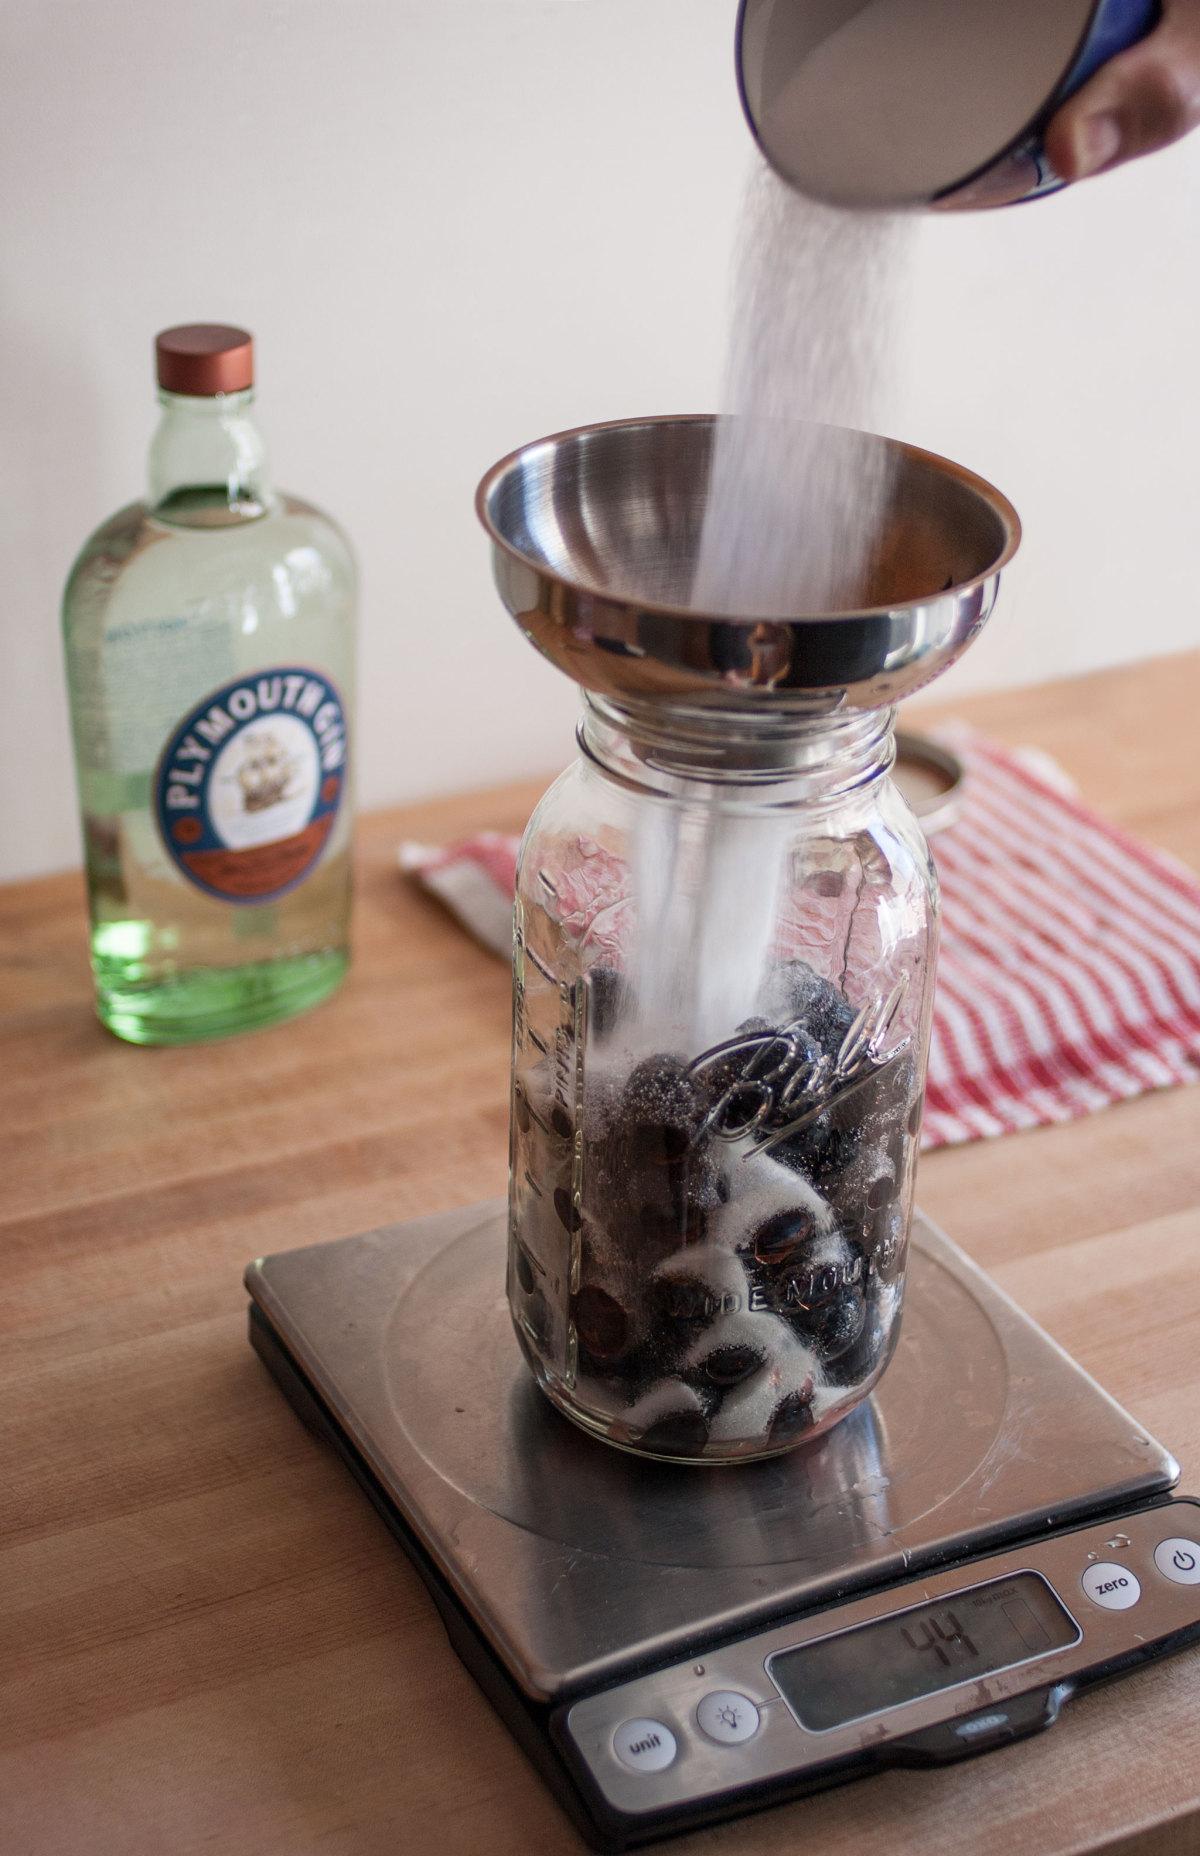 Adding sugar to damson gin